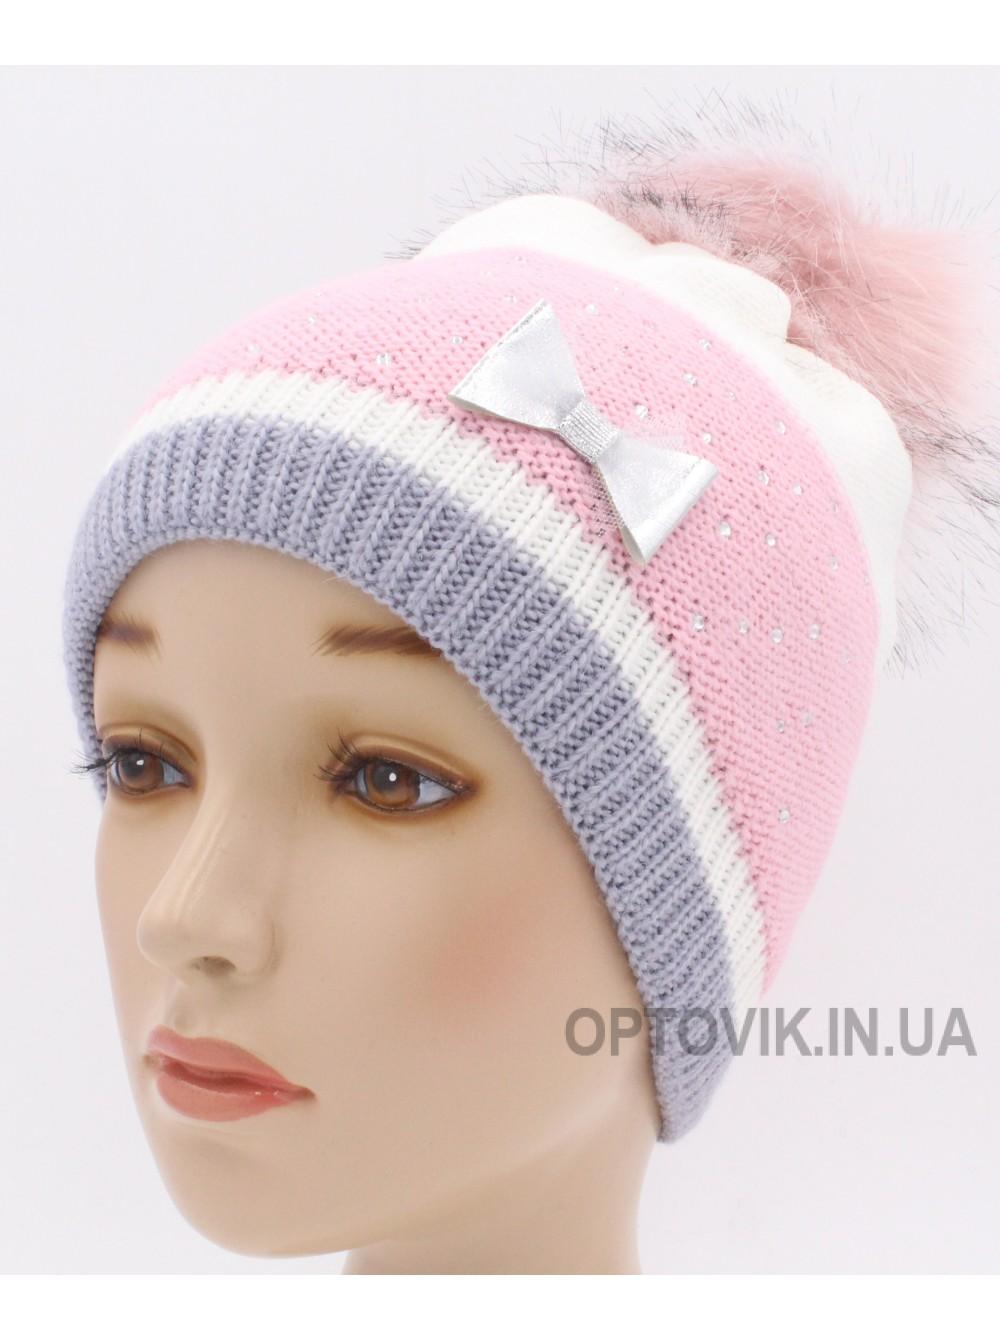 Детская вязаная шапка Ариэль D45527-48-52